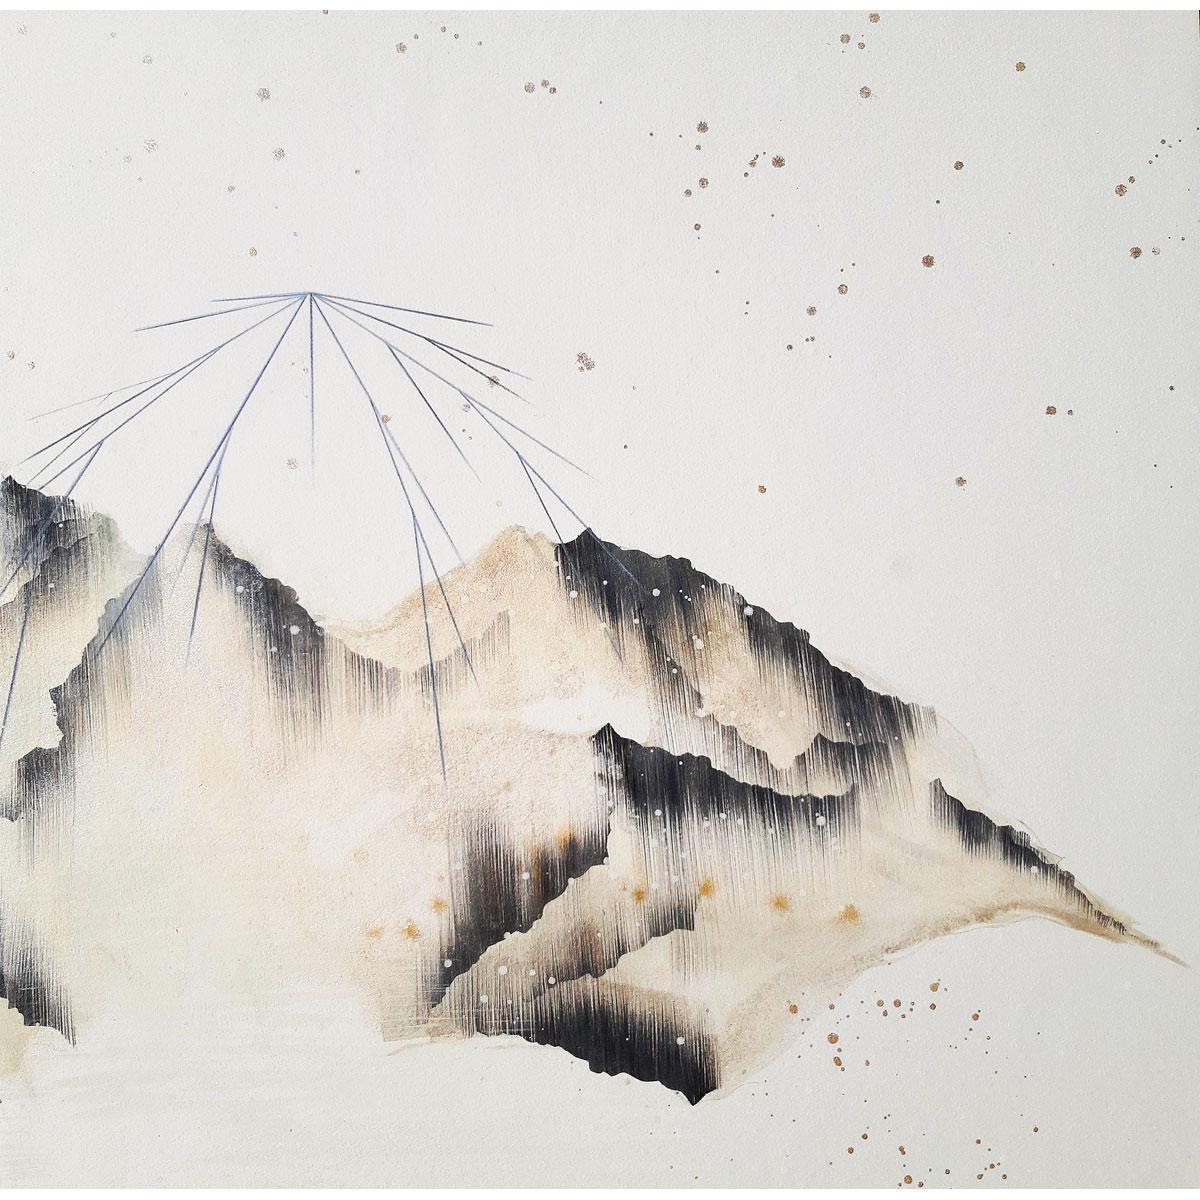 Mt Sneffles by Fawn Atencio